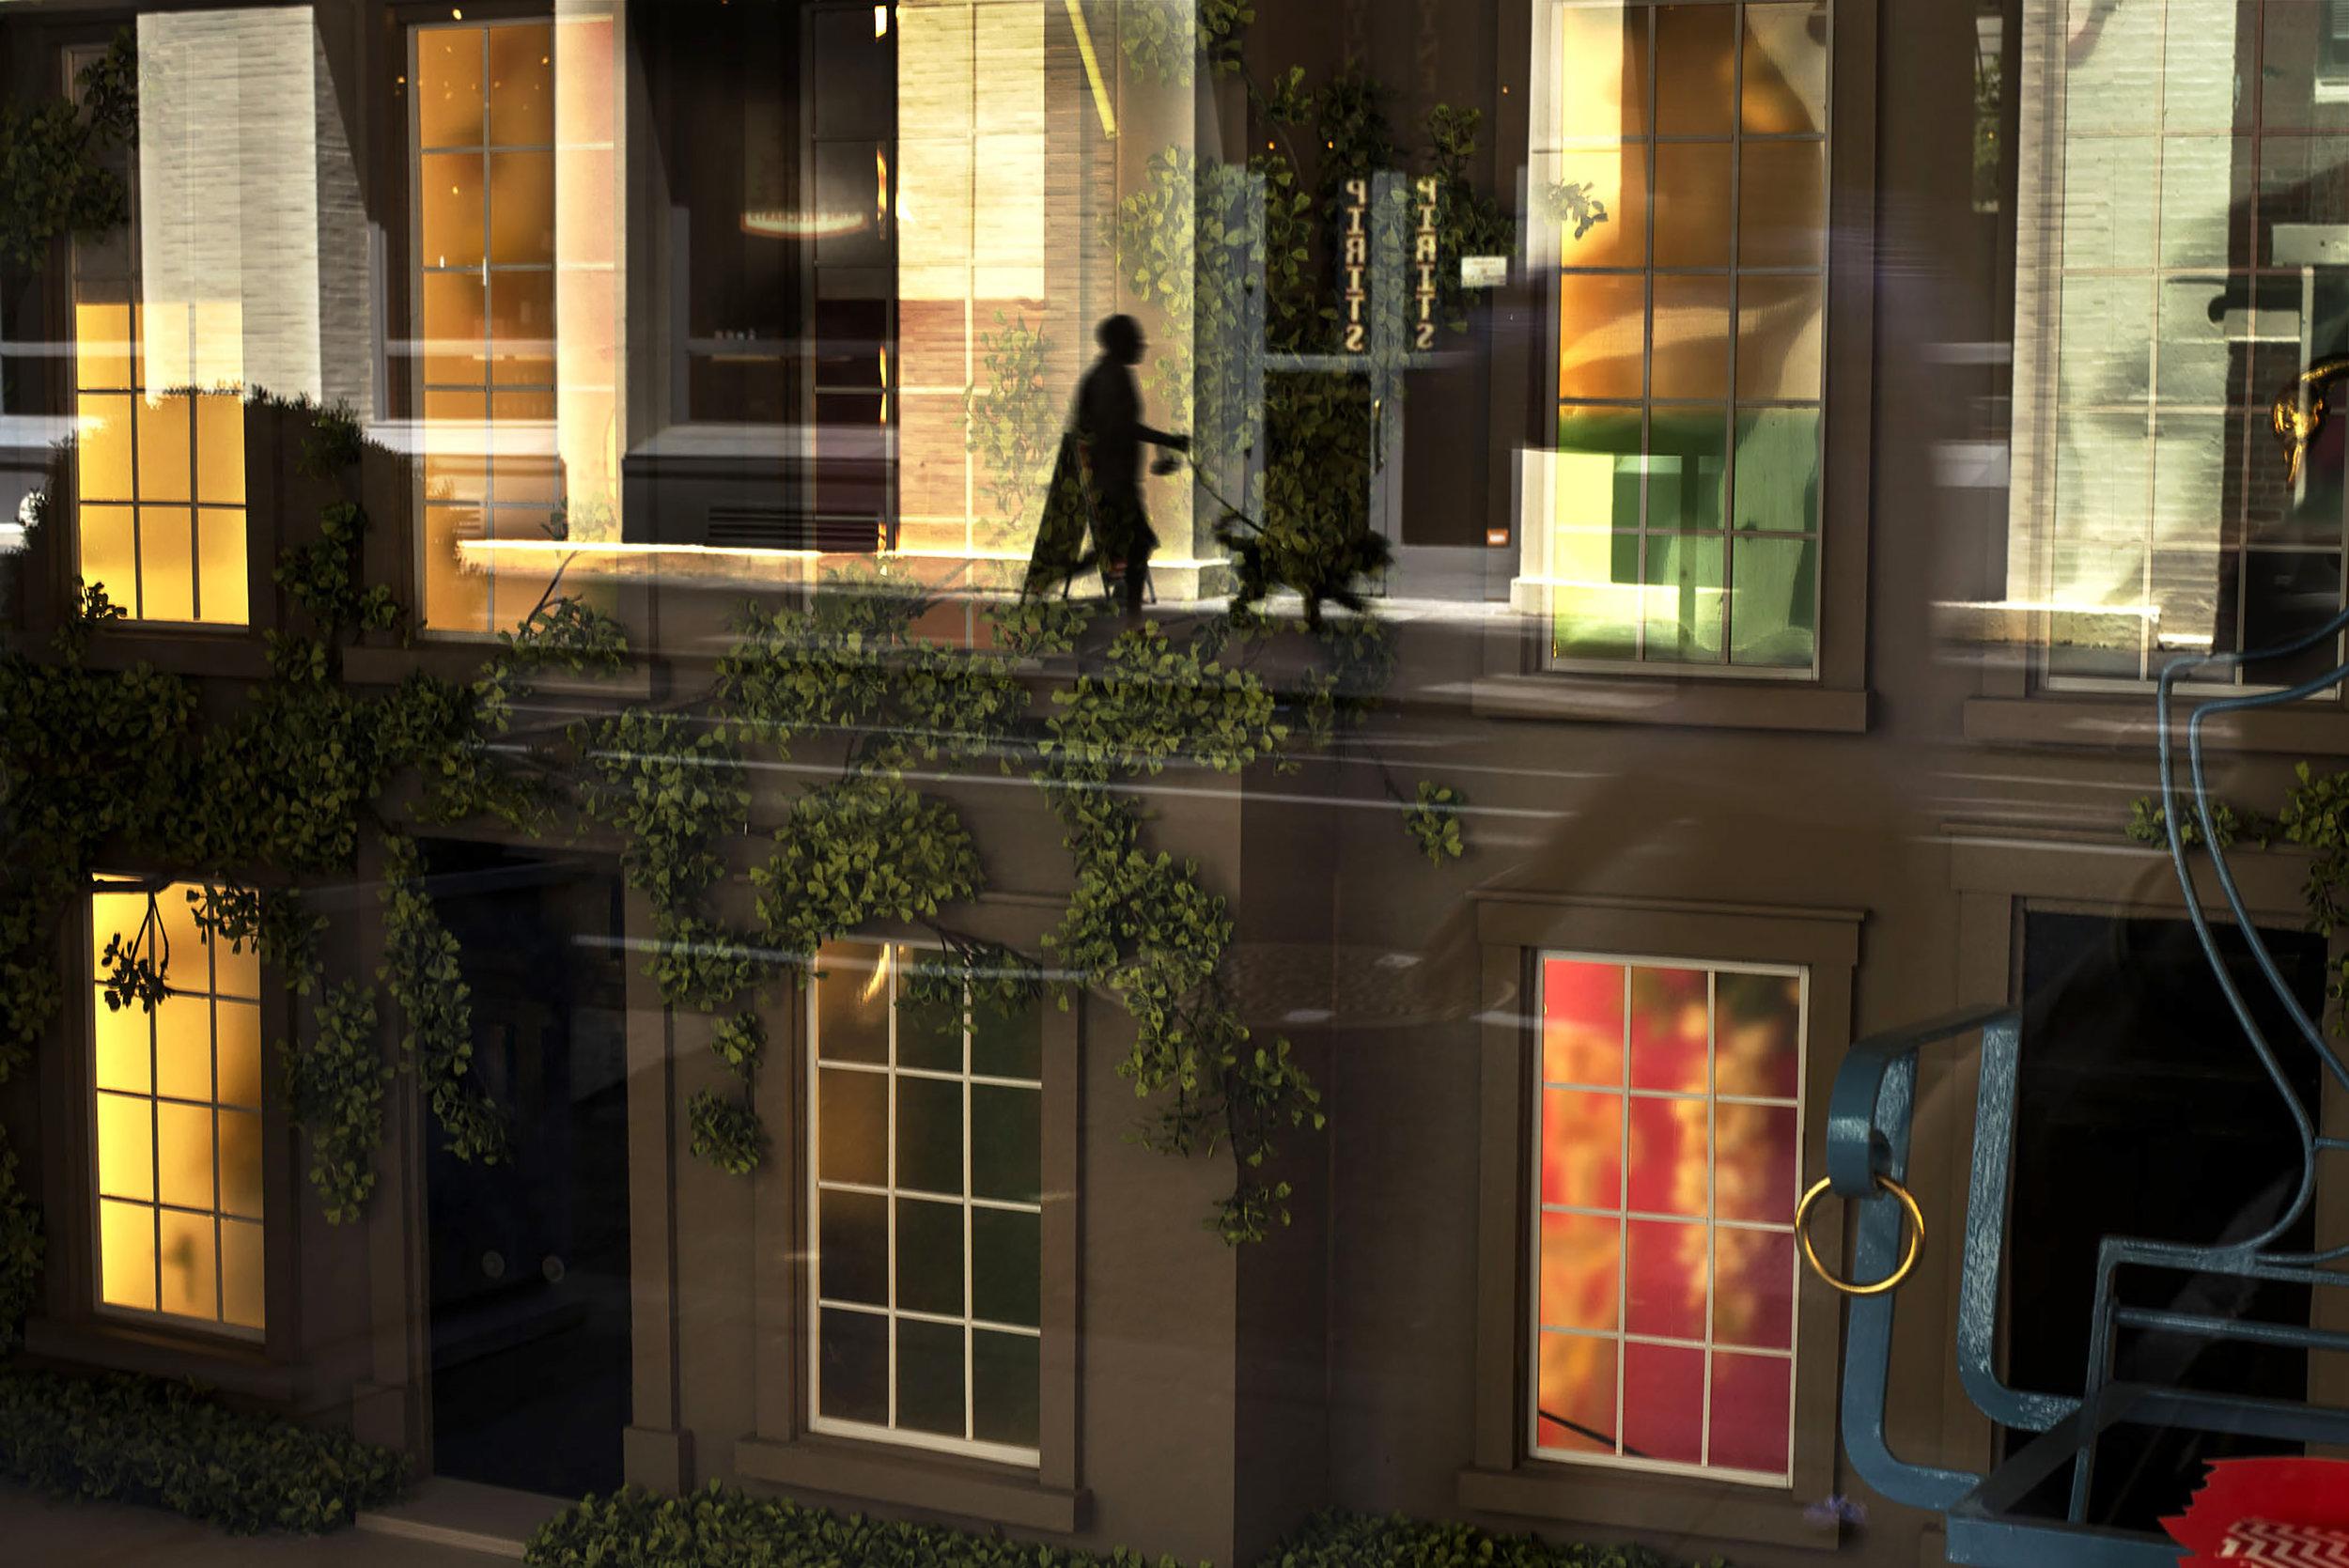 01.A Walk In Kleinfeld's Window.jpg